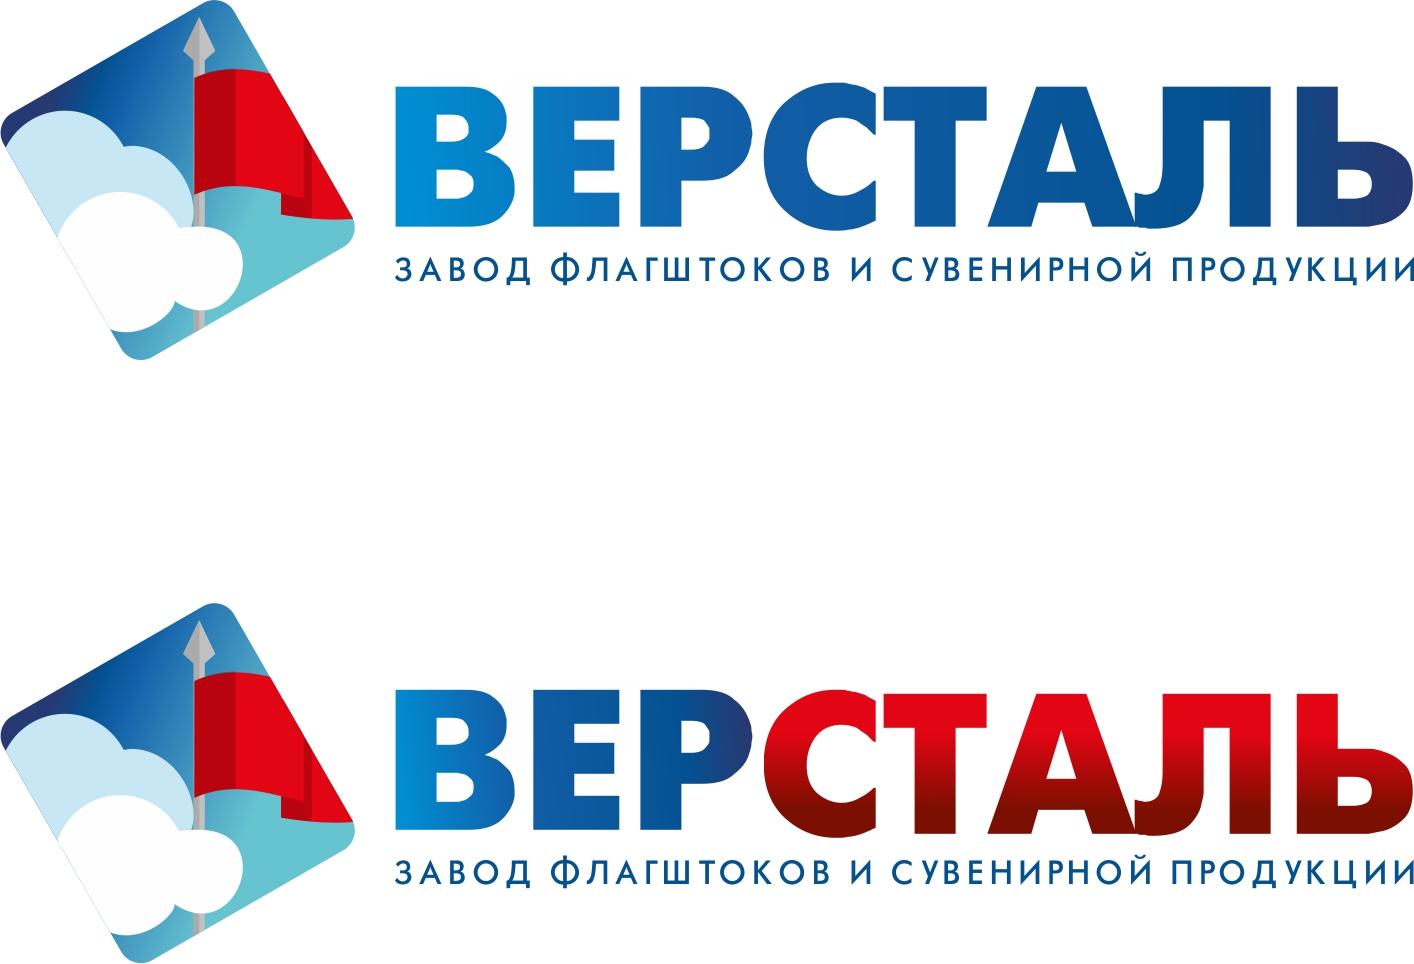 Разработка названия бренда + логотип фото f_783590c5be39db33.jpg